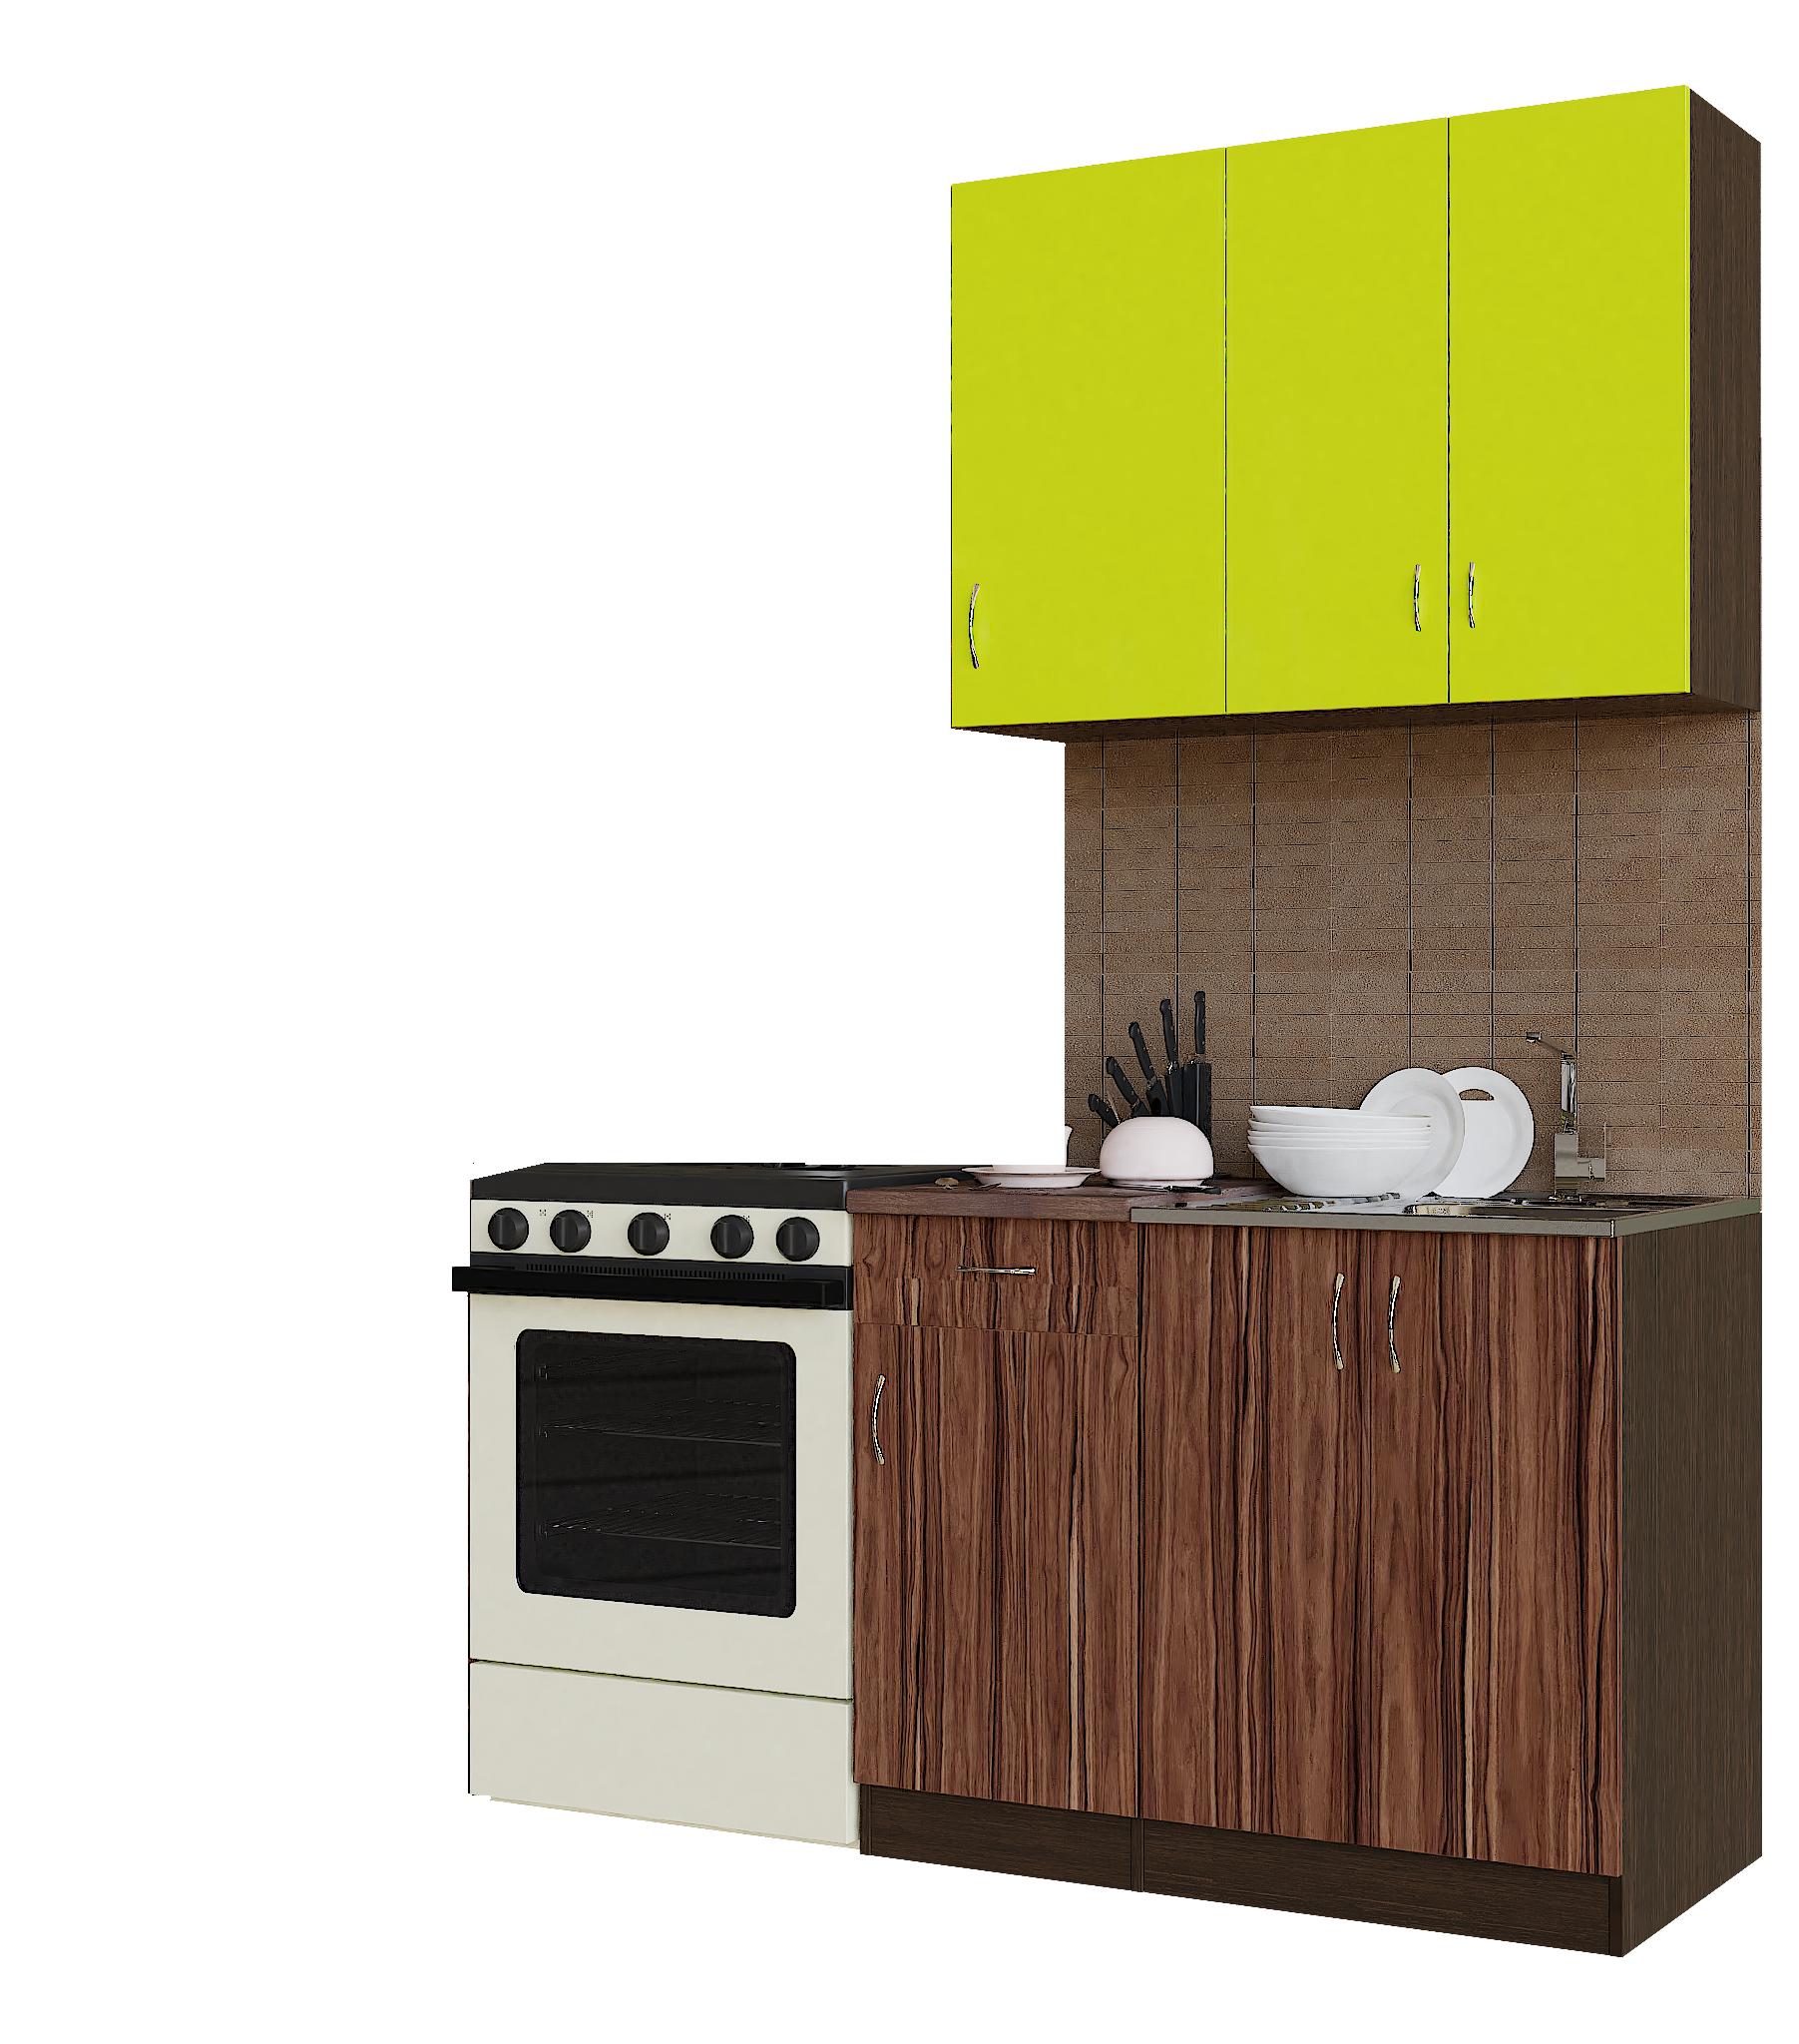 Кухонный гарнитур Sanvut ГК1000-3.11_8.1 Венге / Лайм / Венге / Эбони темный